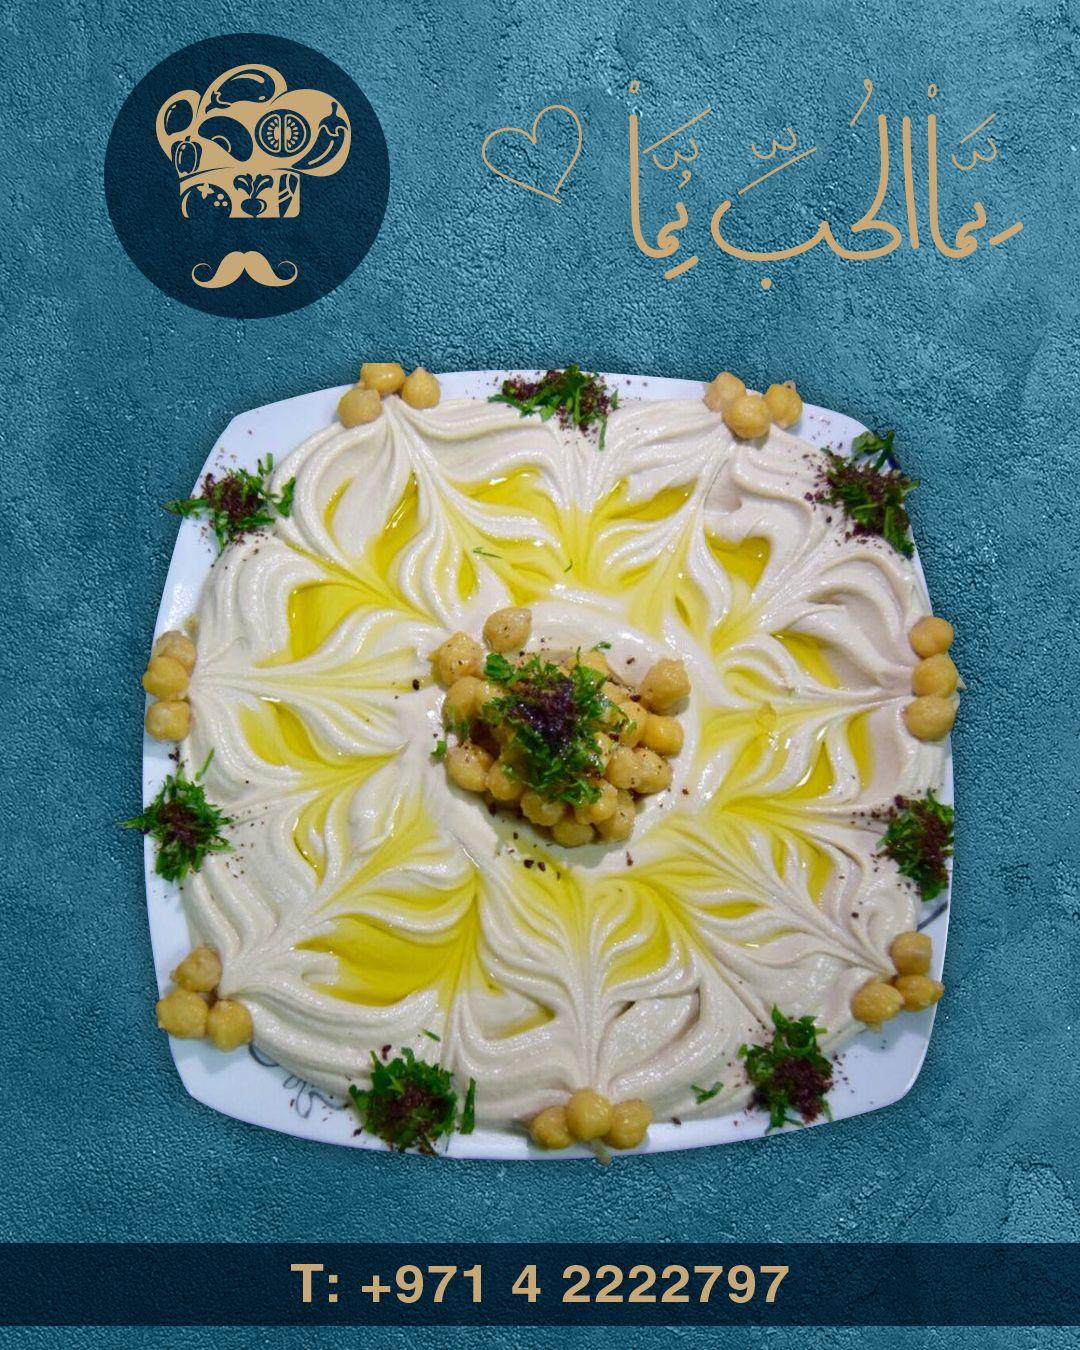 على فكرة لا فوتوشوب ولا جوجل مرسومة بريشة بيكاسو الحمصاني D D مطاعم مطاعم دبي الحمصاني فطور فطورنا فطور شعبي فلافل Food Desserts Birthday Cake